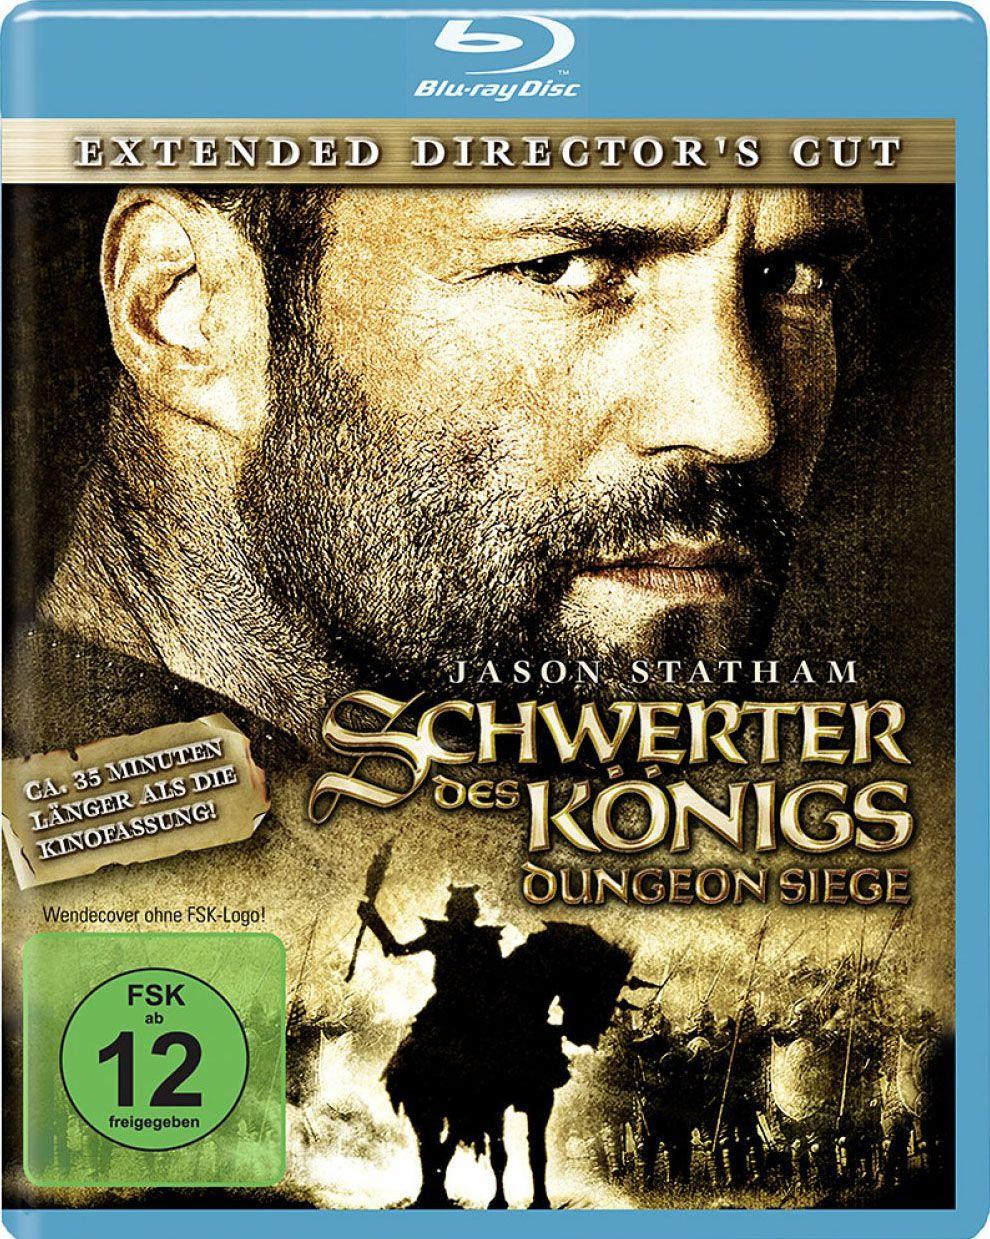 Schwerter des Königs - Dungeon Siege (Extended Director's Cut) (BLURAY)